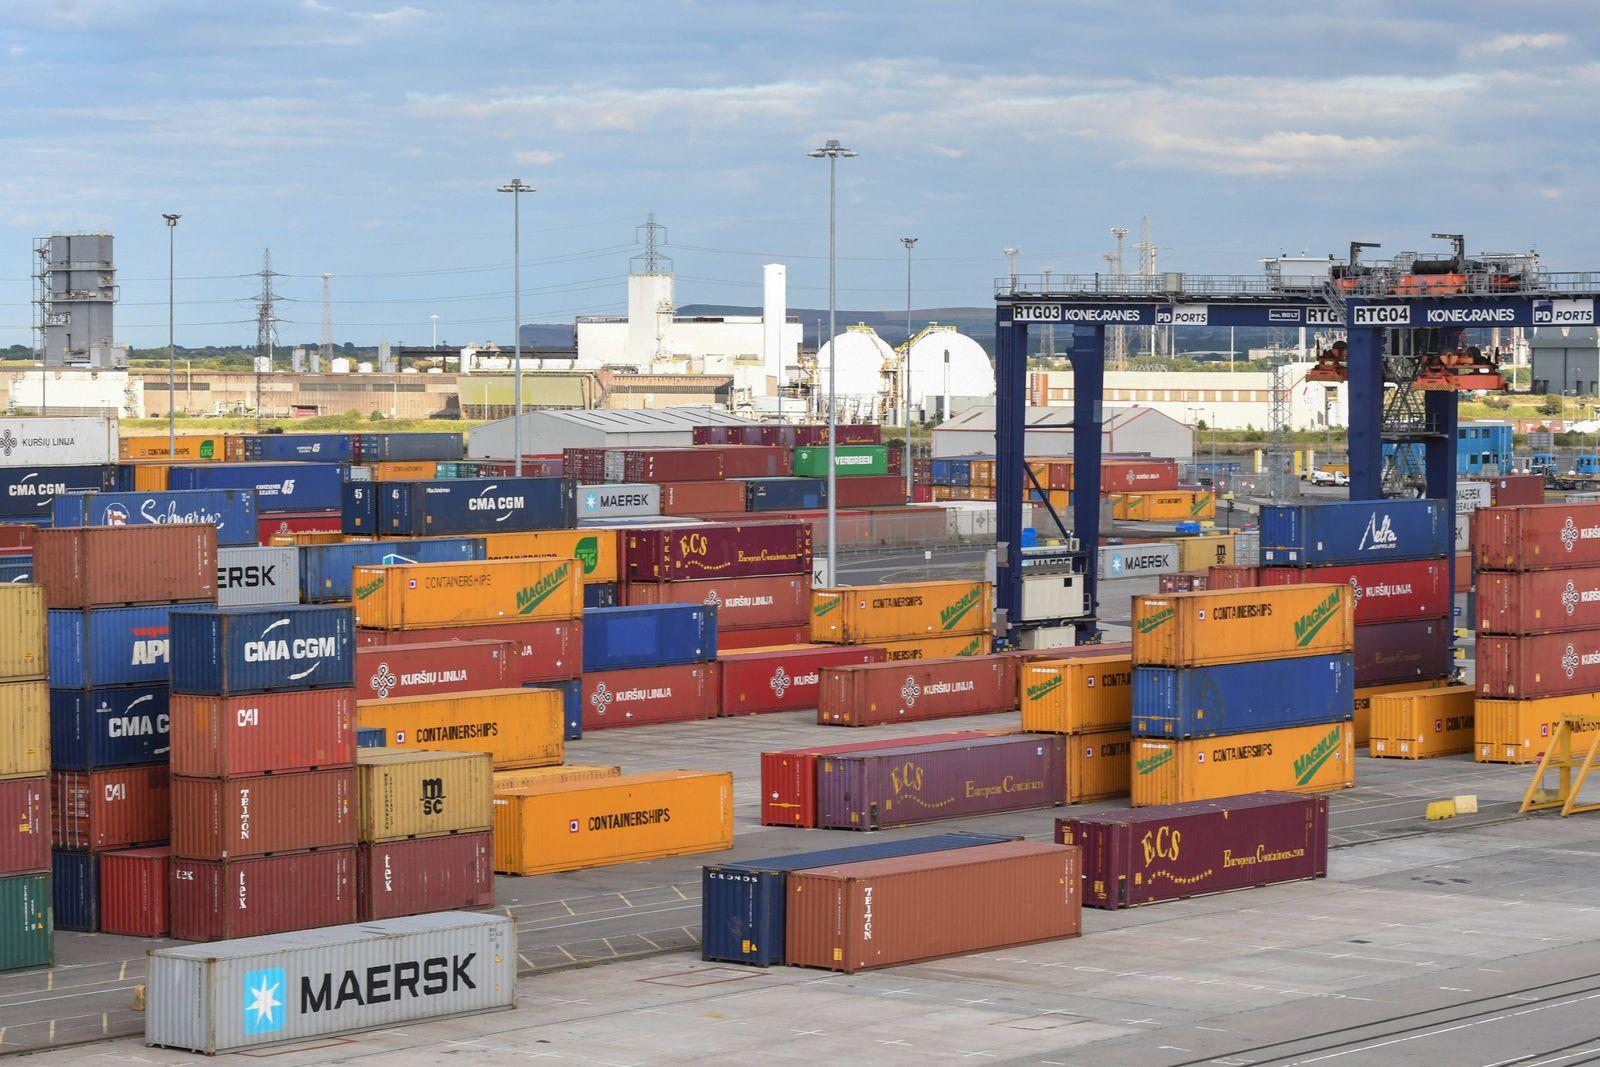 Teesport, Containerhafen. Gestapelte Container, bereit zur Verschiffung, im Containerhafen in Teesport,(Grossbritannien